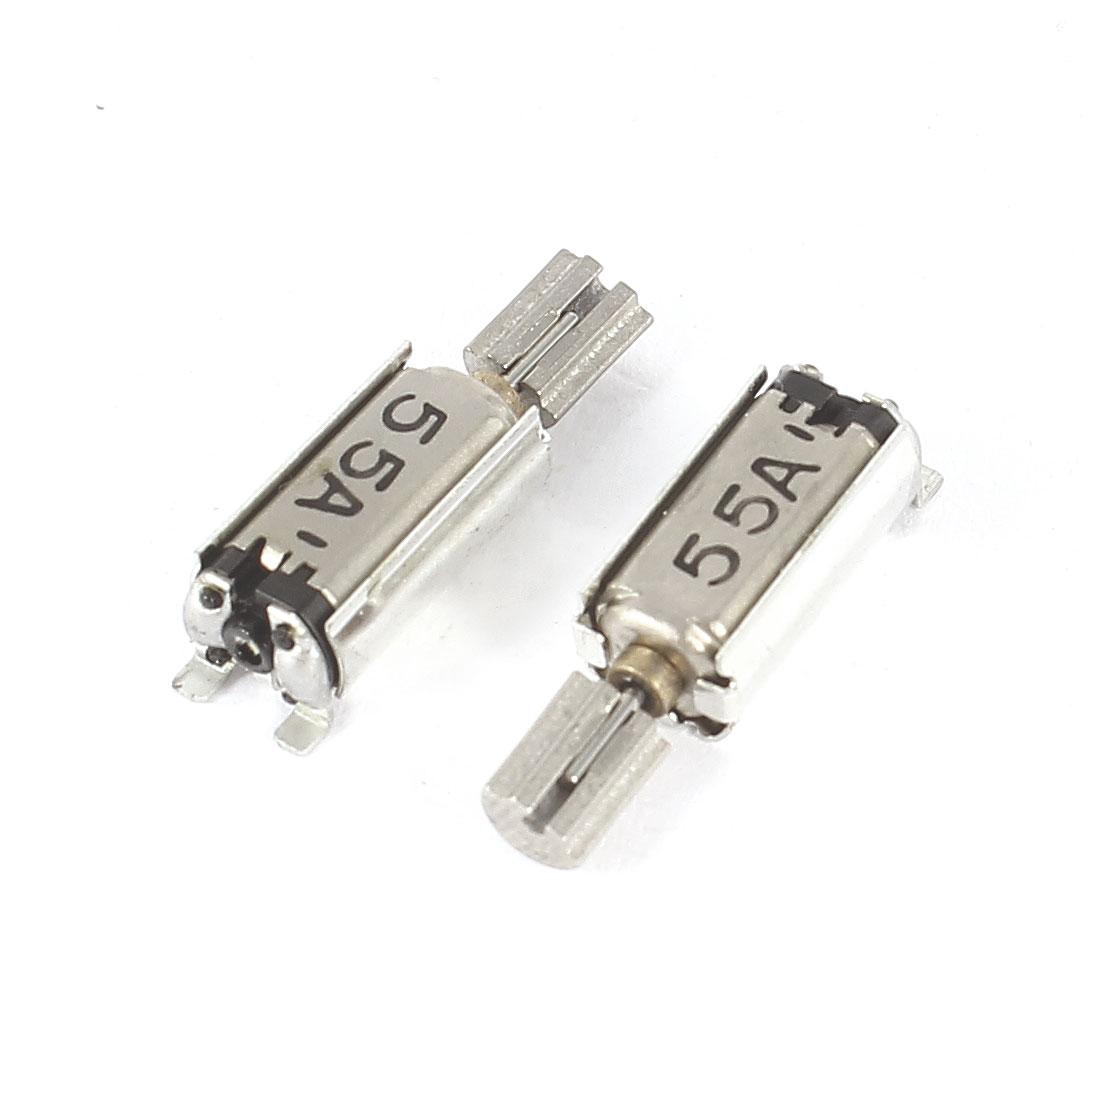 2 Pcs 15000-20000PRM Micro Vibrating Vibration Motor DC 1.5-3V 0.04-0.09A